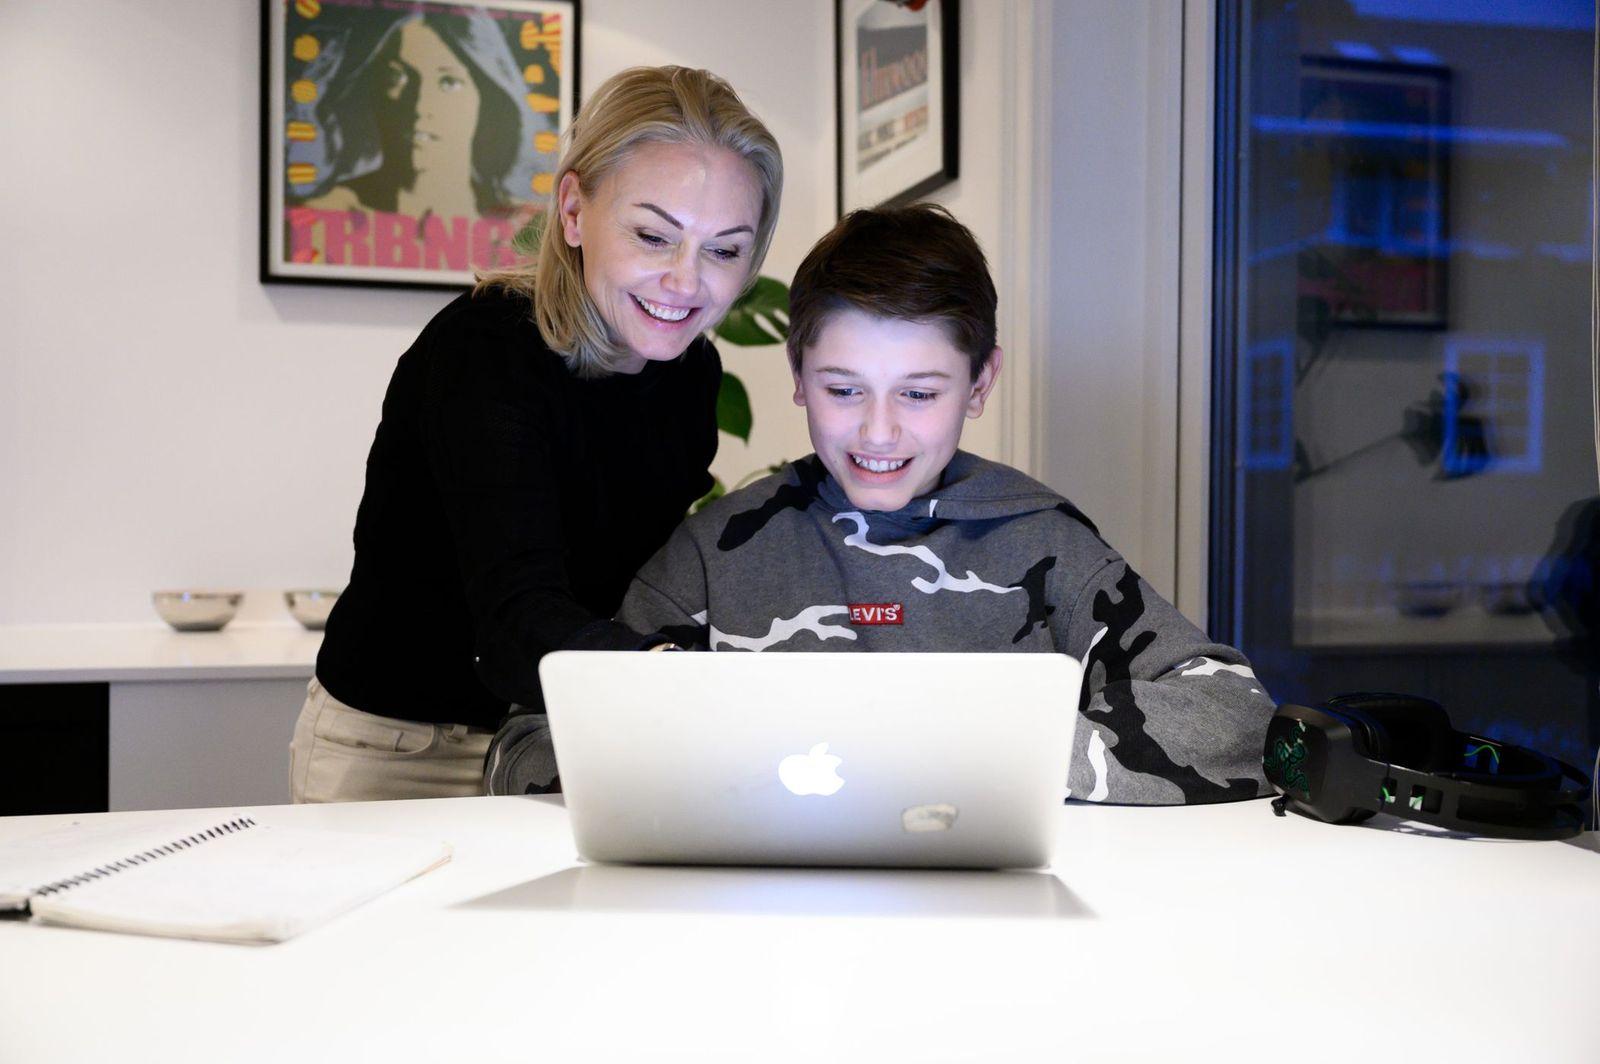 Bilde av mor Marianne og elev Philip foran PCen